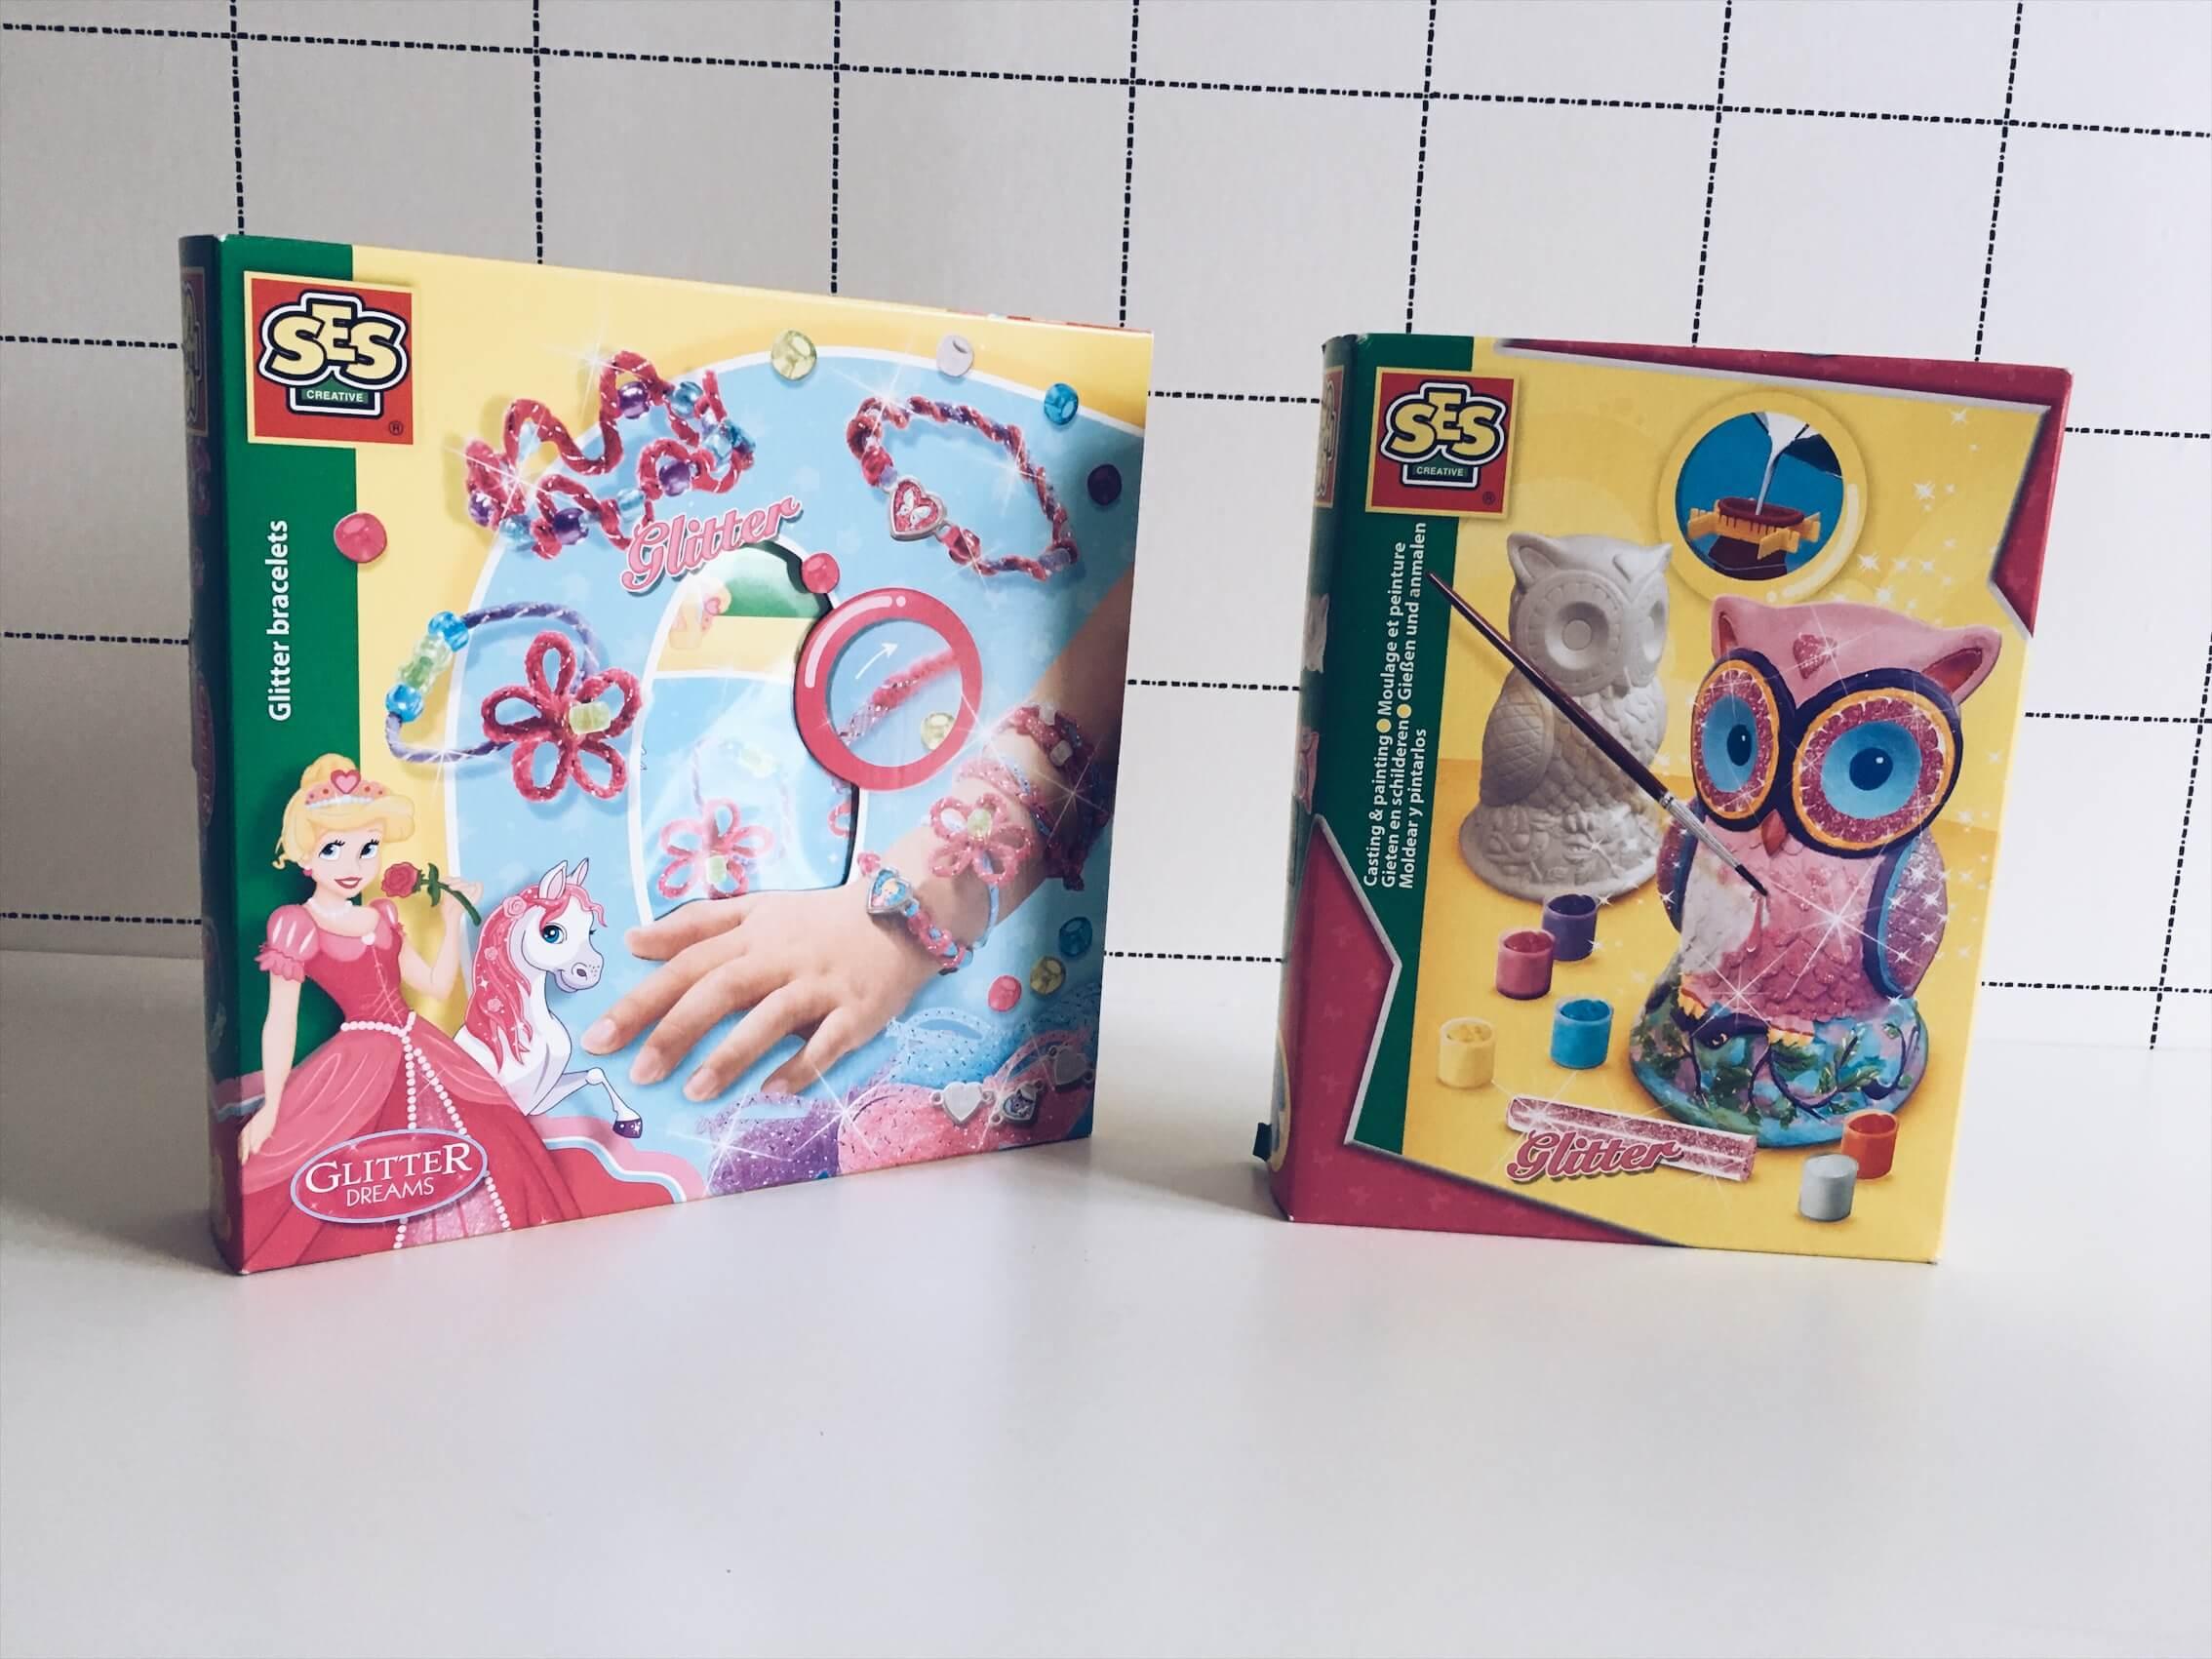 B7897E71 CA4B 4F53 8A44 44198A881E98 - Hoe vind je het ideale cadeautje voor kinderen + tips